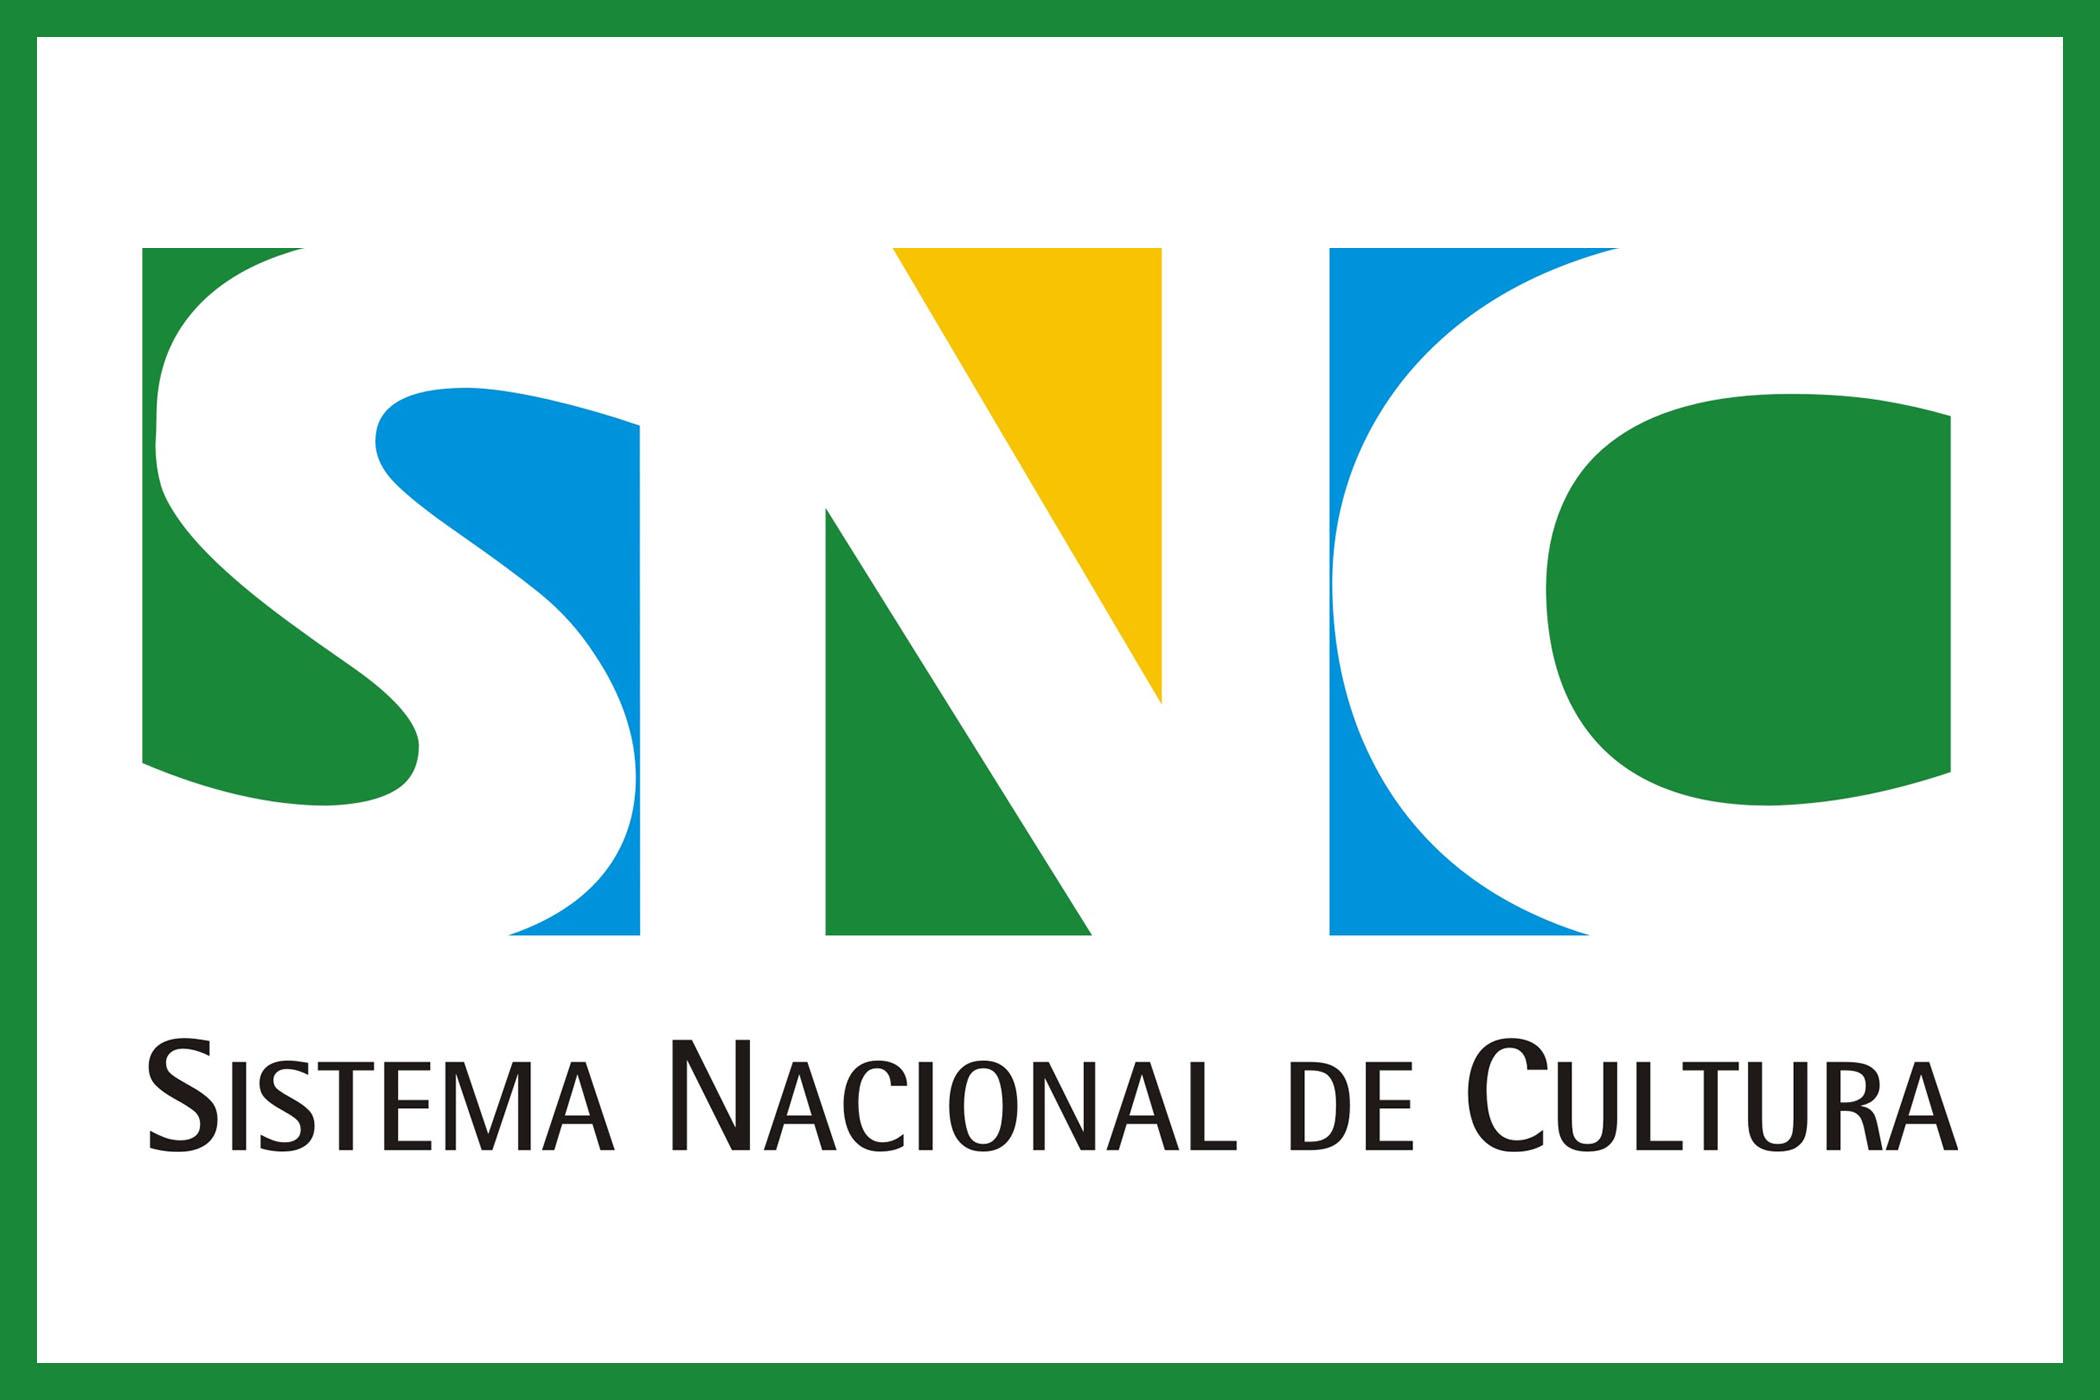 Plano Municipal De Cultura Em Duque De Caxias – (RJ)